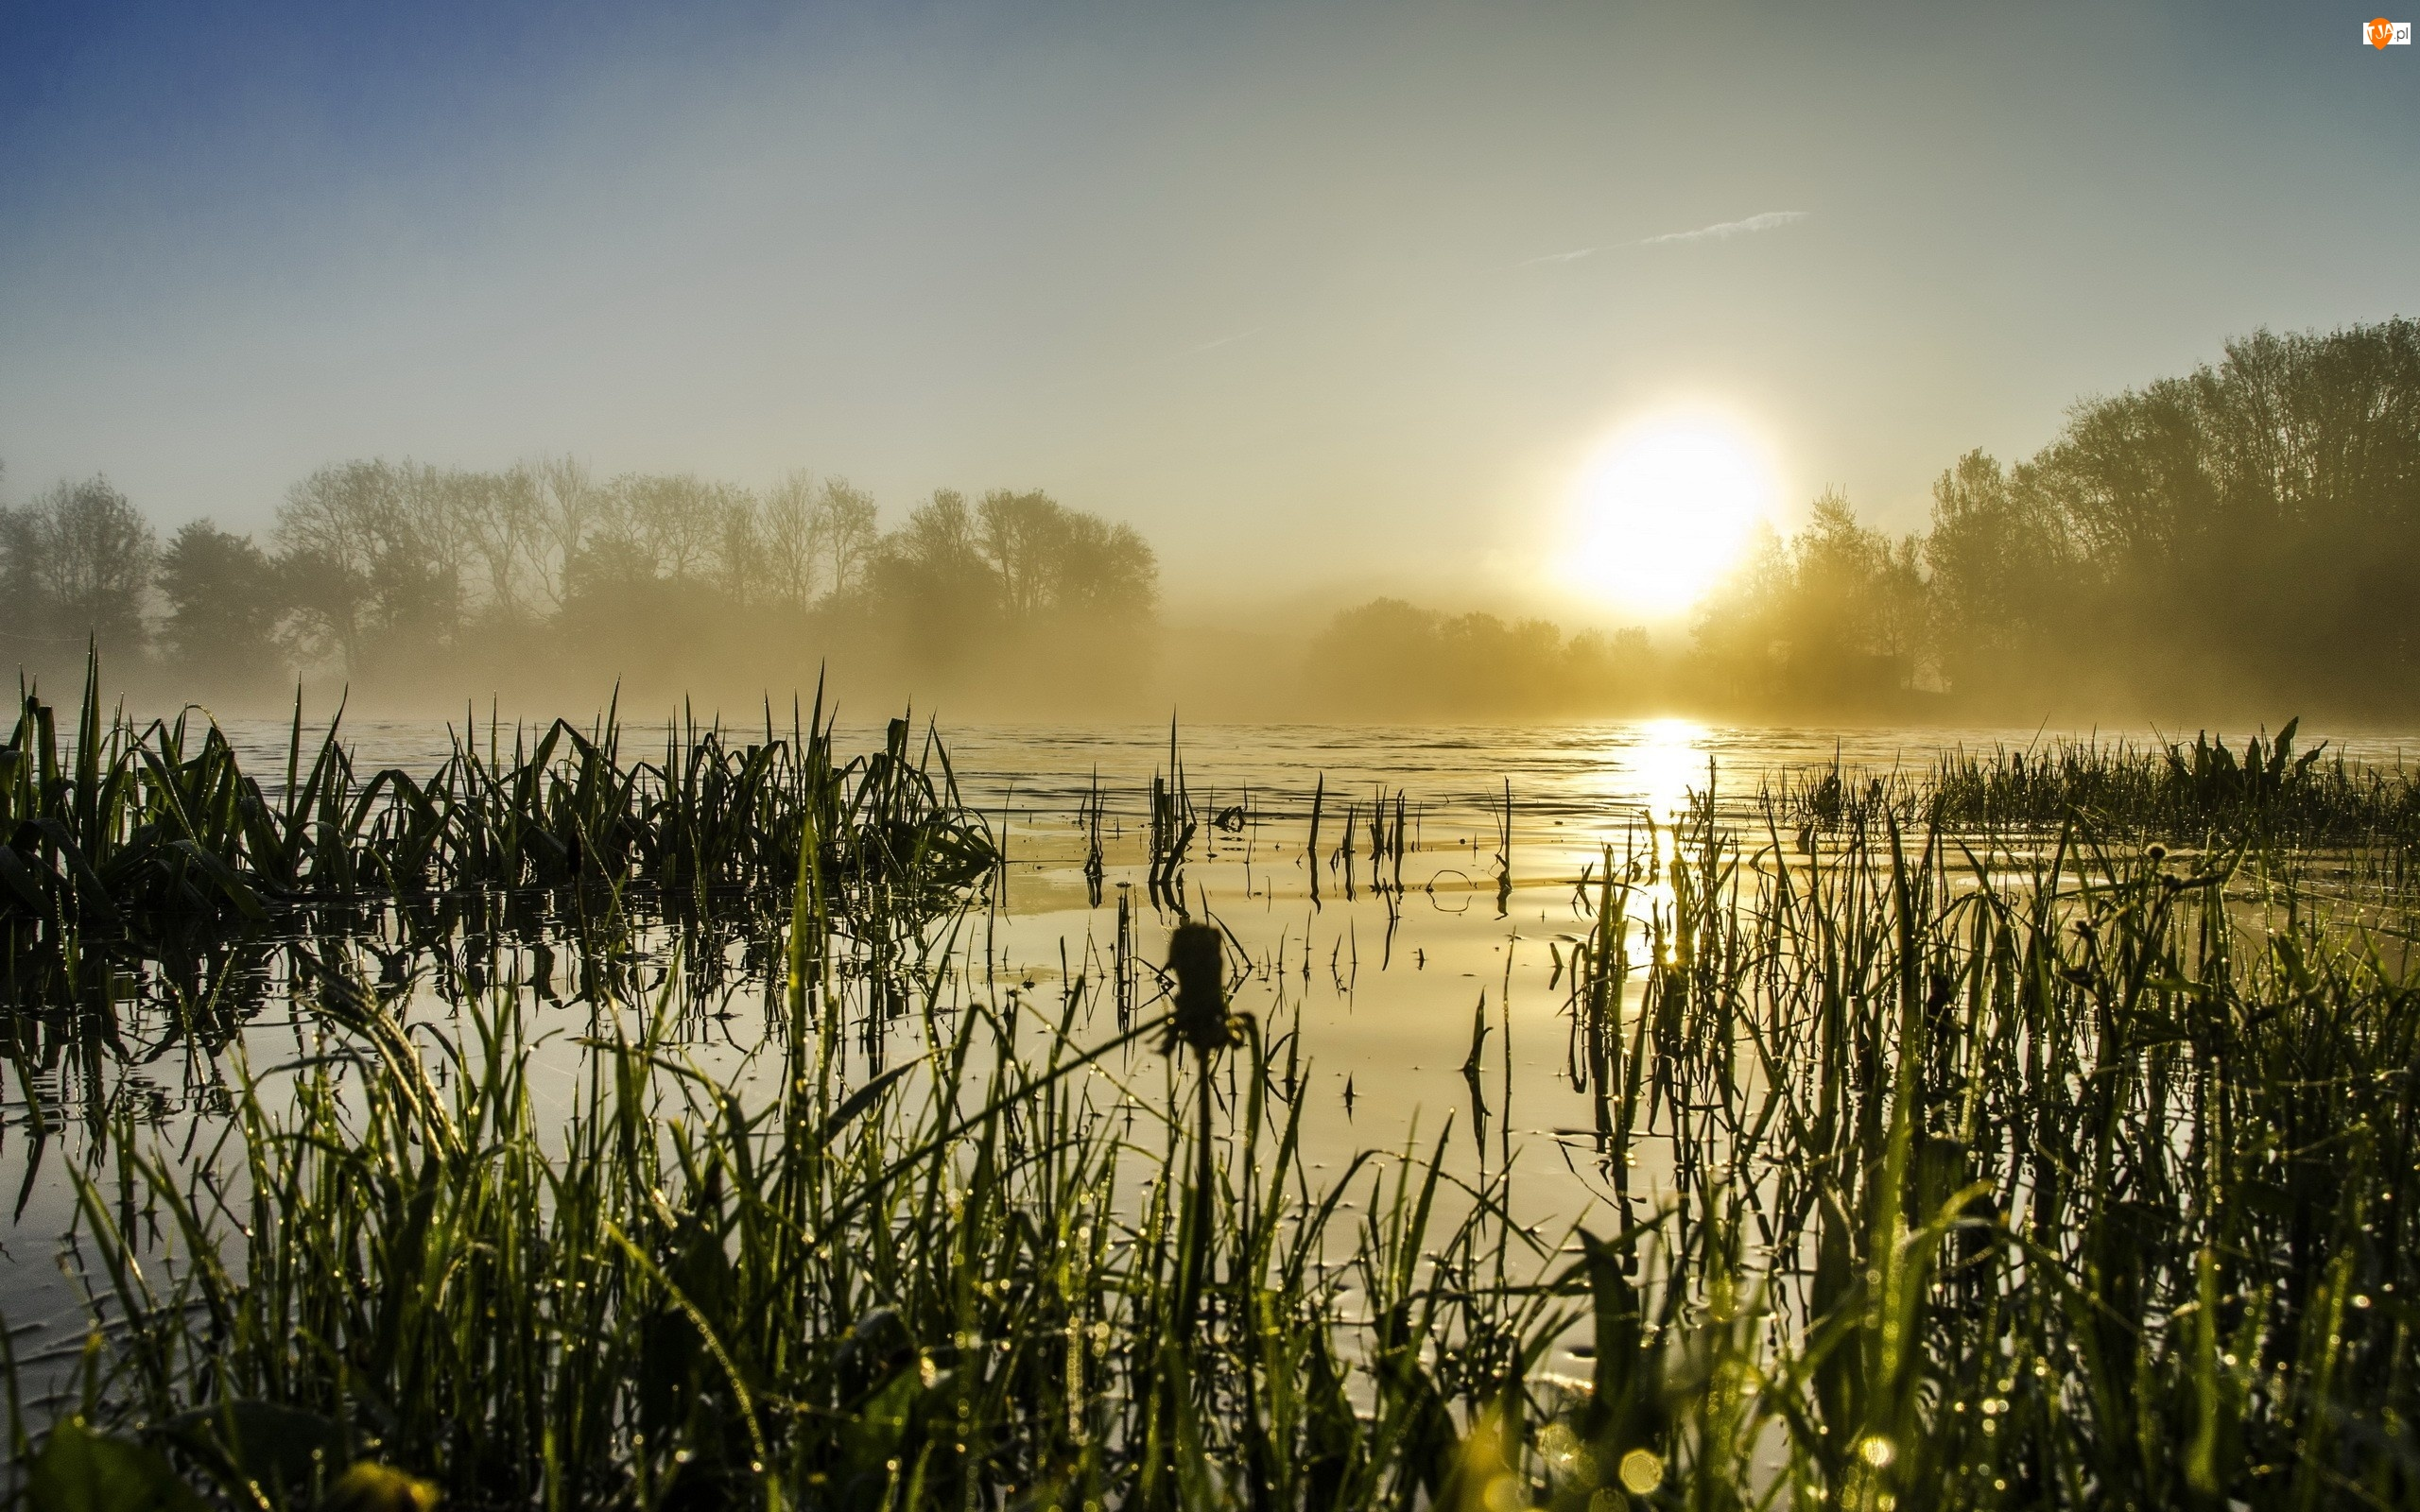 Jezioro, Drzewa, Wschód, Mgła, Słońca, Tatarak